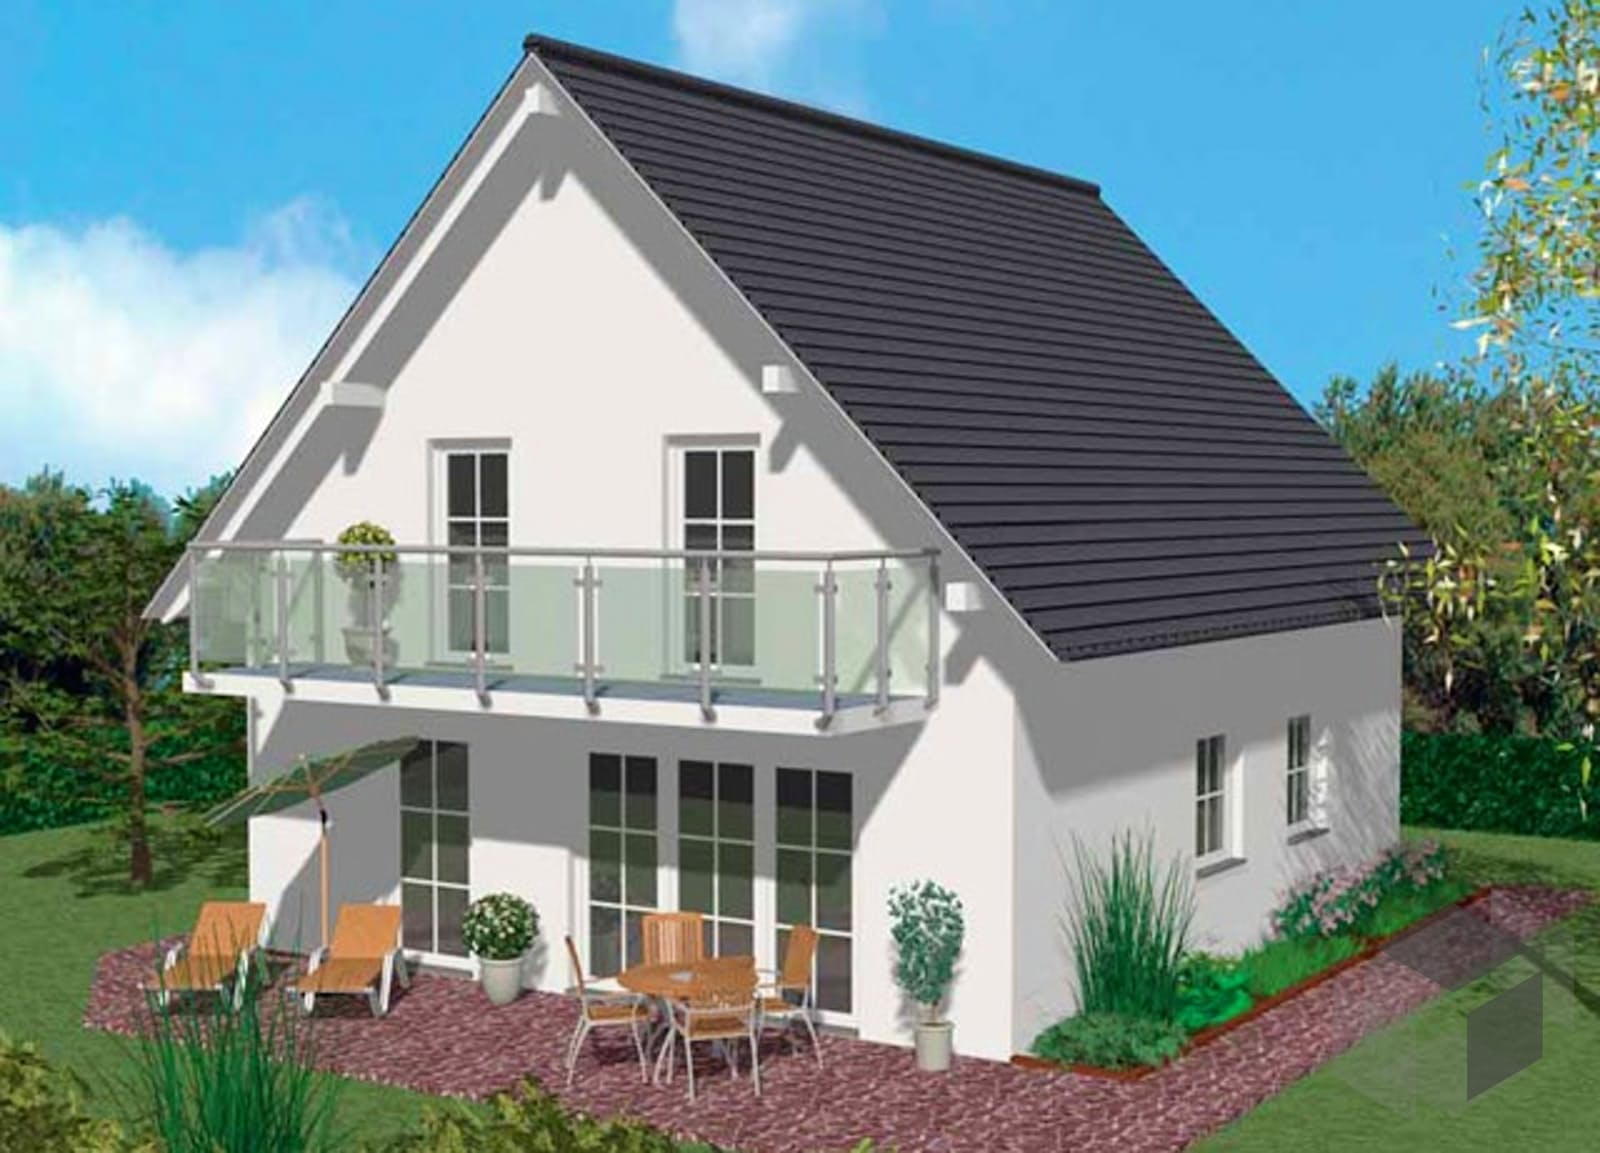 Schlüsselfertige Massivhäuser bis 150.000€ - Häuser Preise ... size: 1600 x 1153 post ID: 2 File size: 0 B